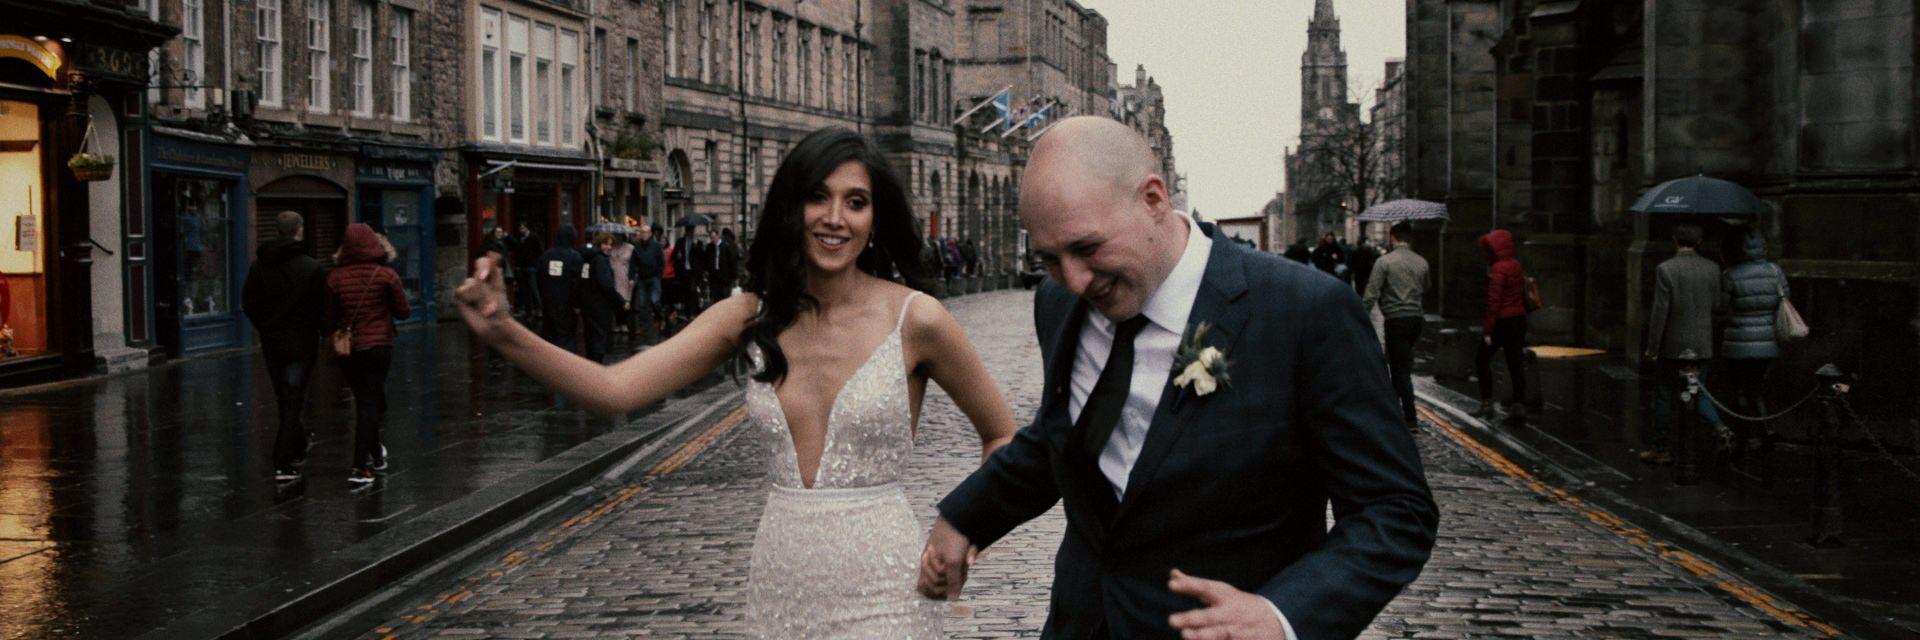 Il-Borro-wedding-videographer-cinemate-films-04